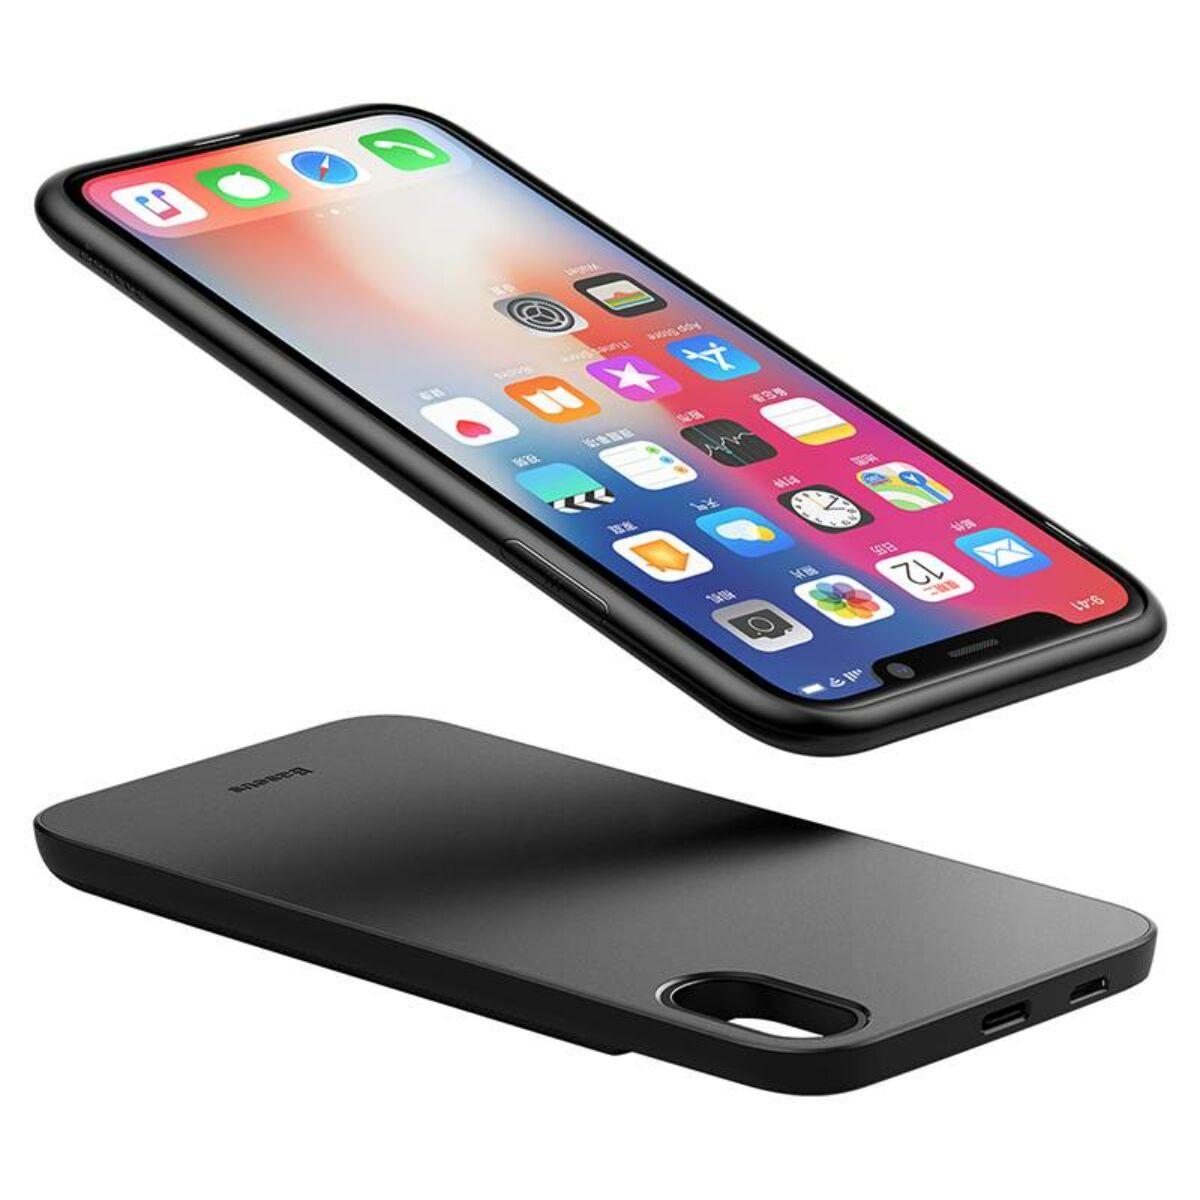 Baseus Power Bank tok, és hátlap egyben, 1 + 1 vezeték nélküli töltéssel, 5.000 mAh iPhone X, fekete (ACAPIPHX-ABJ01)